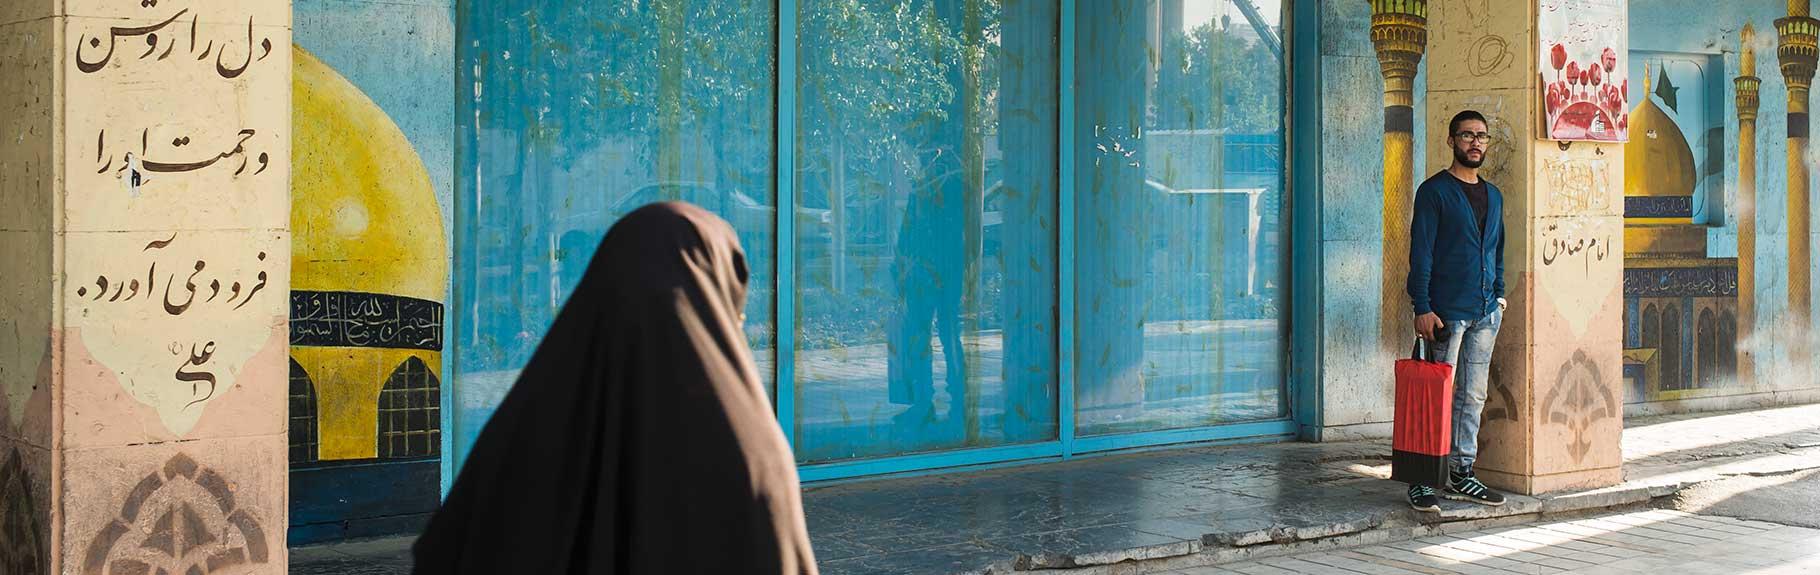 IRAN, entre el pasado y el futuro Interesados siempre en el comportamiento humano el propósito es mostrar este cruce en la identidad de un país, visto por los ojos de una mujer y un hombre que no pertenecen a él.